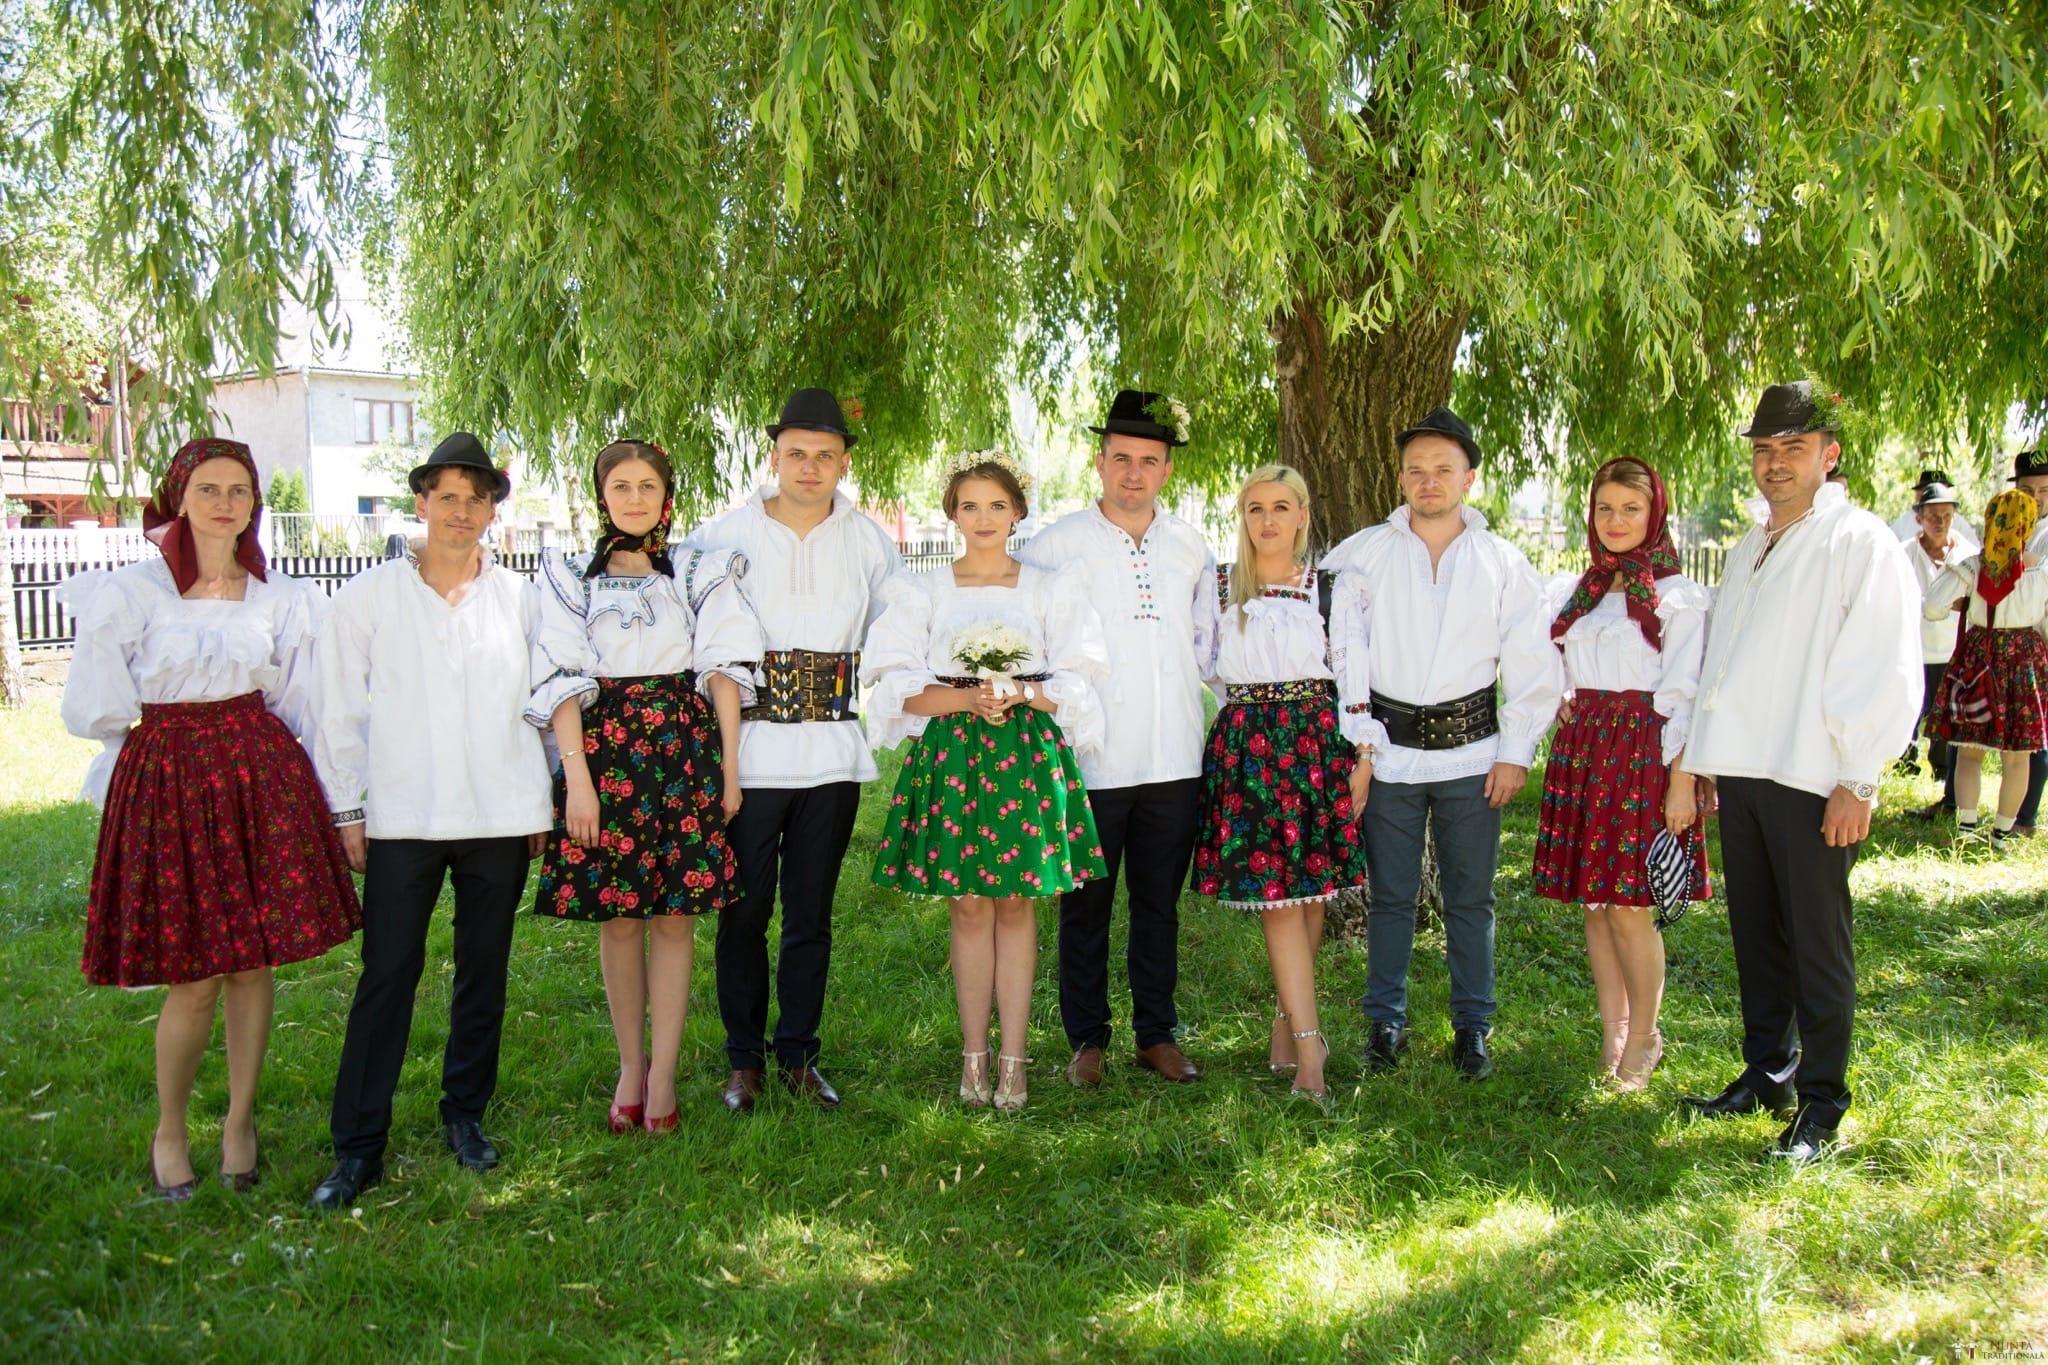 Povești Nunți Tradiționale - Ancuța și Nicu, cununie tradițională în Giulești, Maramureș 30